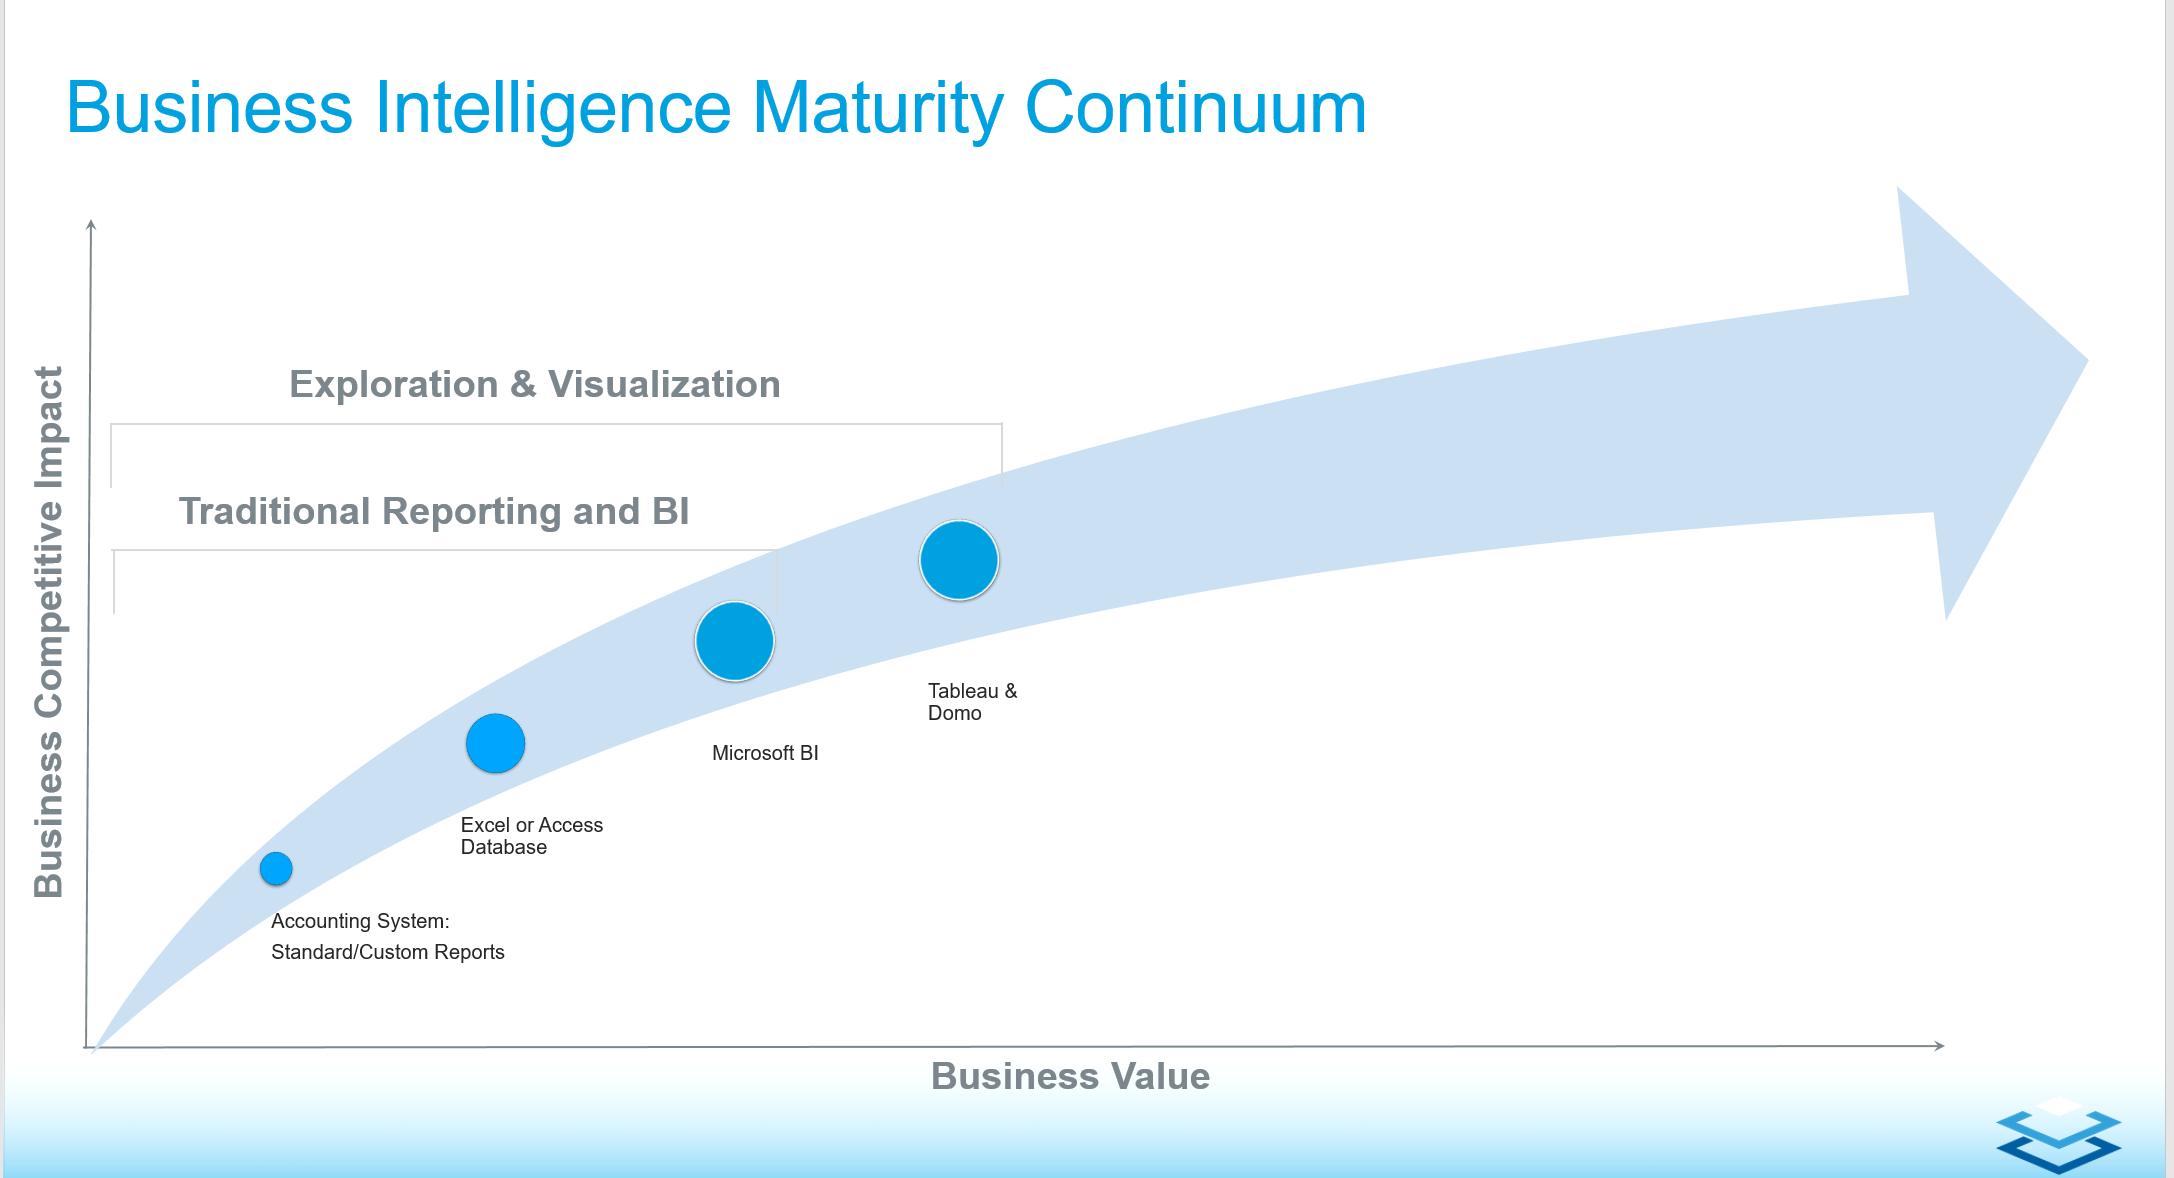 business intelligence maturity continuum